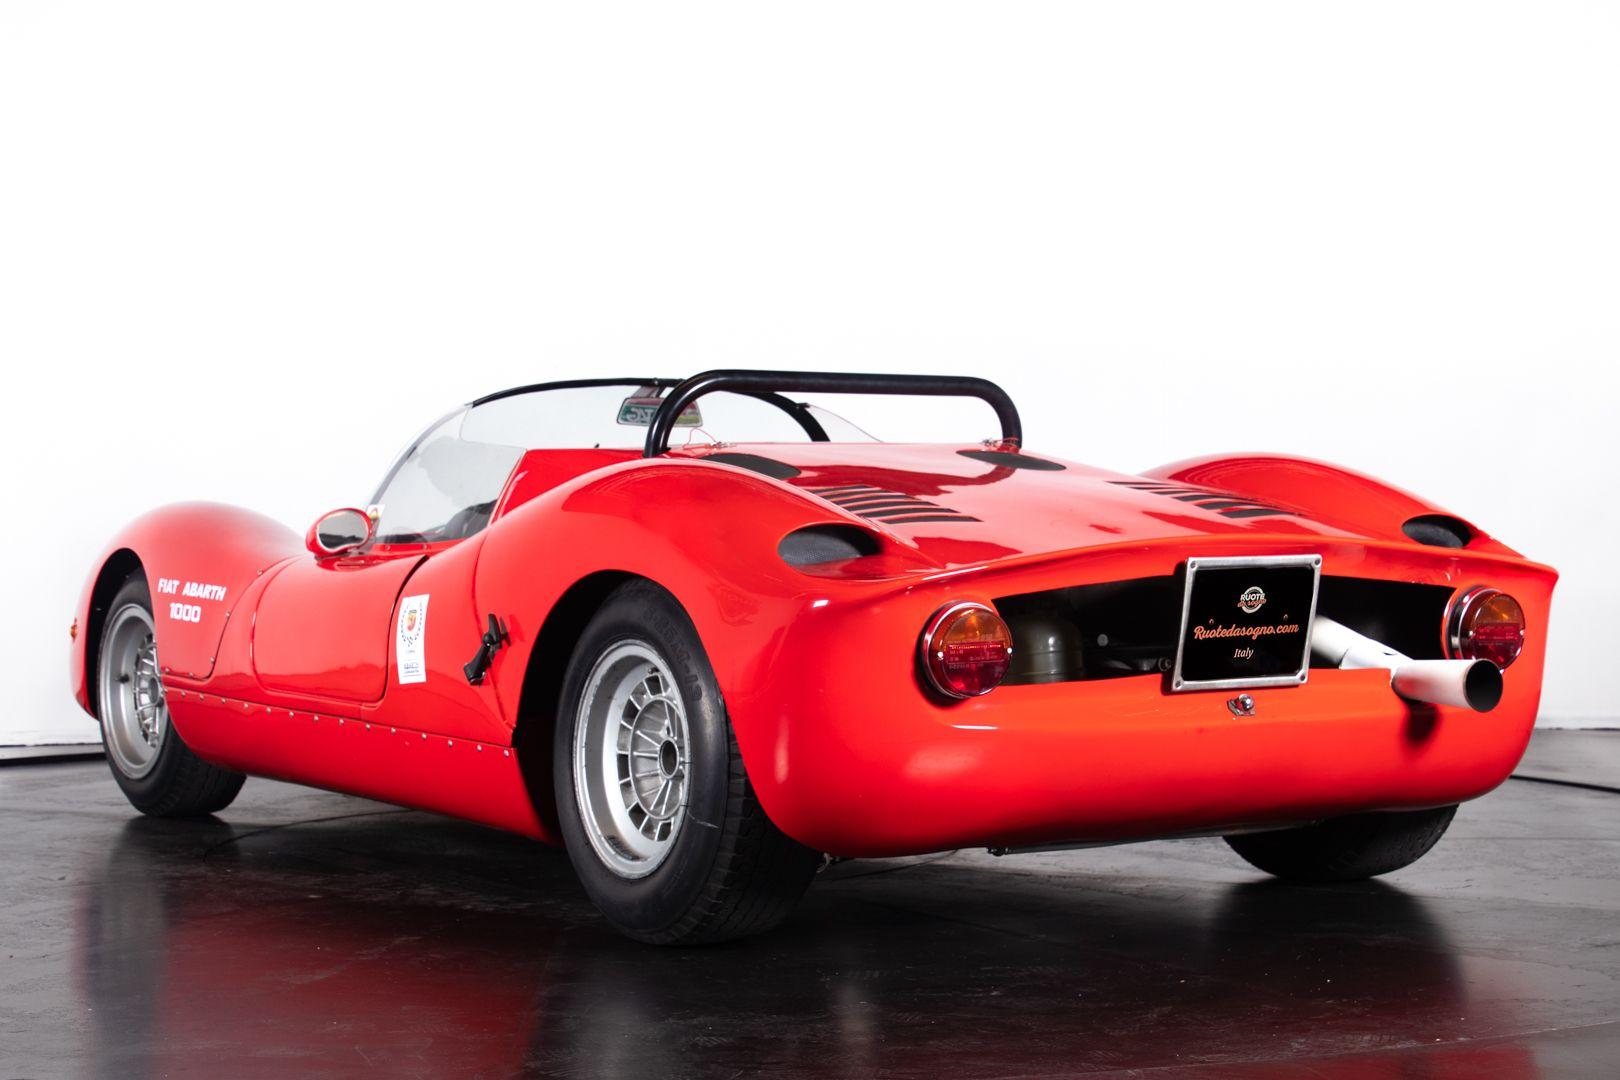 1968 Abarth 1000 SP sport prototipo 23559